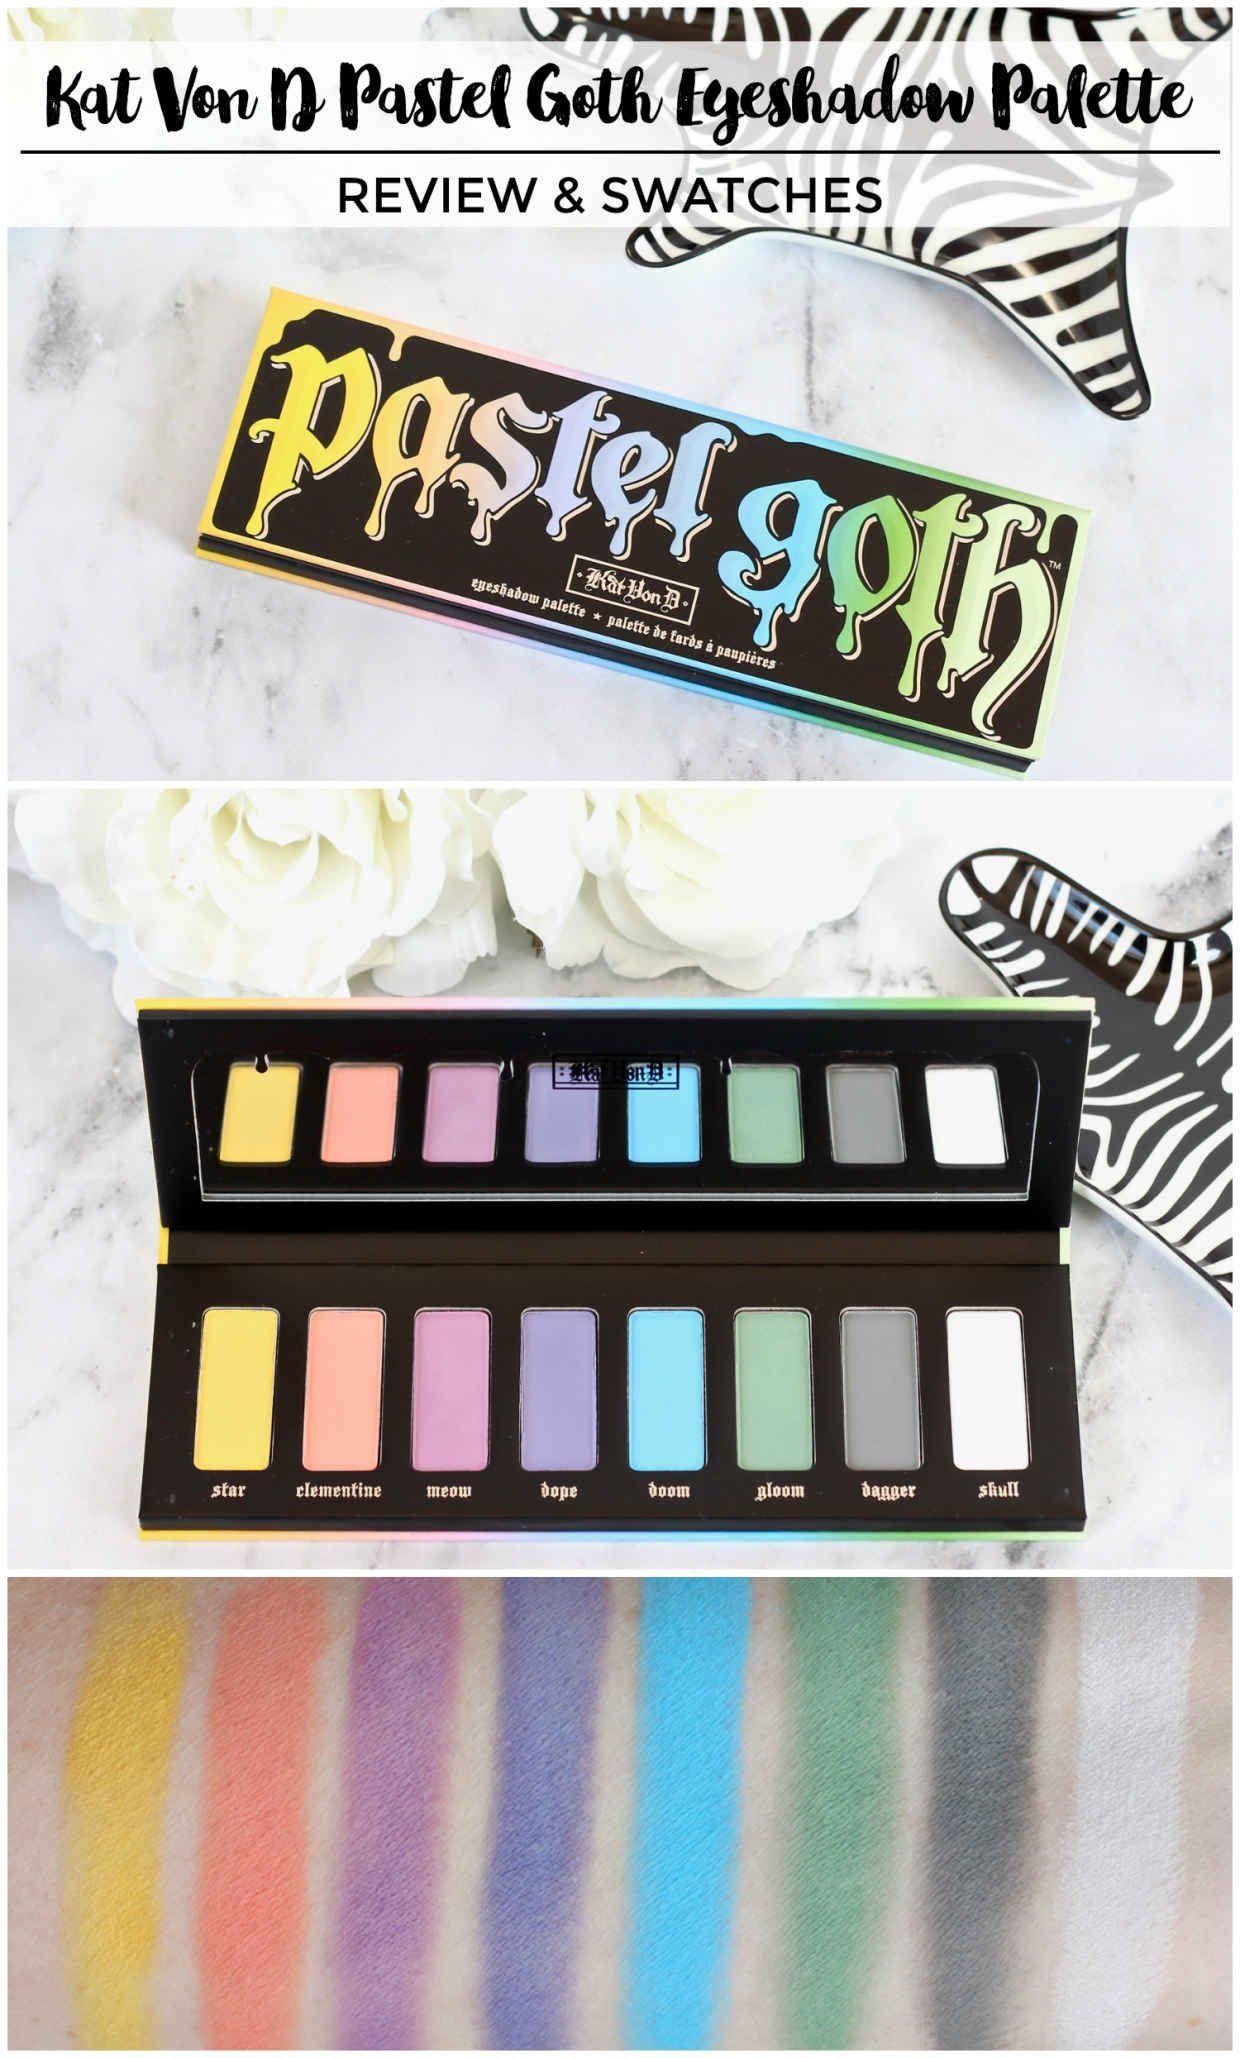 Kat Von D Pastel Goth Eyeshadow Palette Review & Swatches